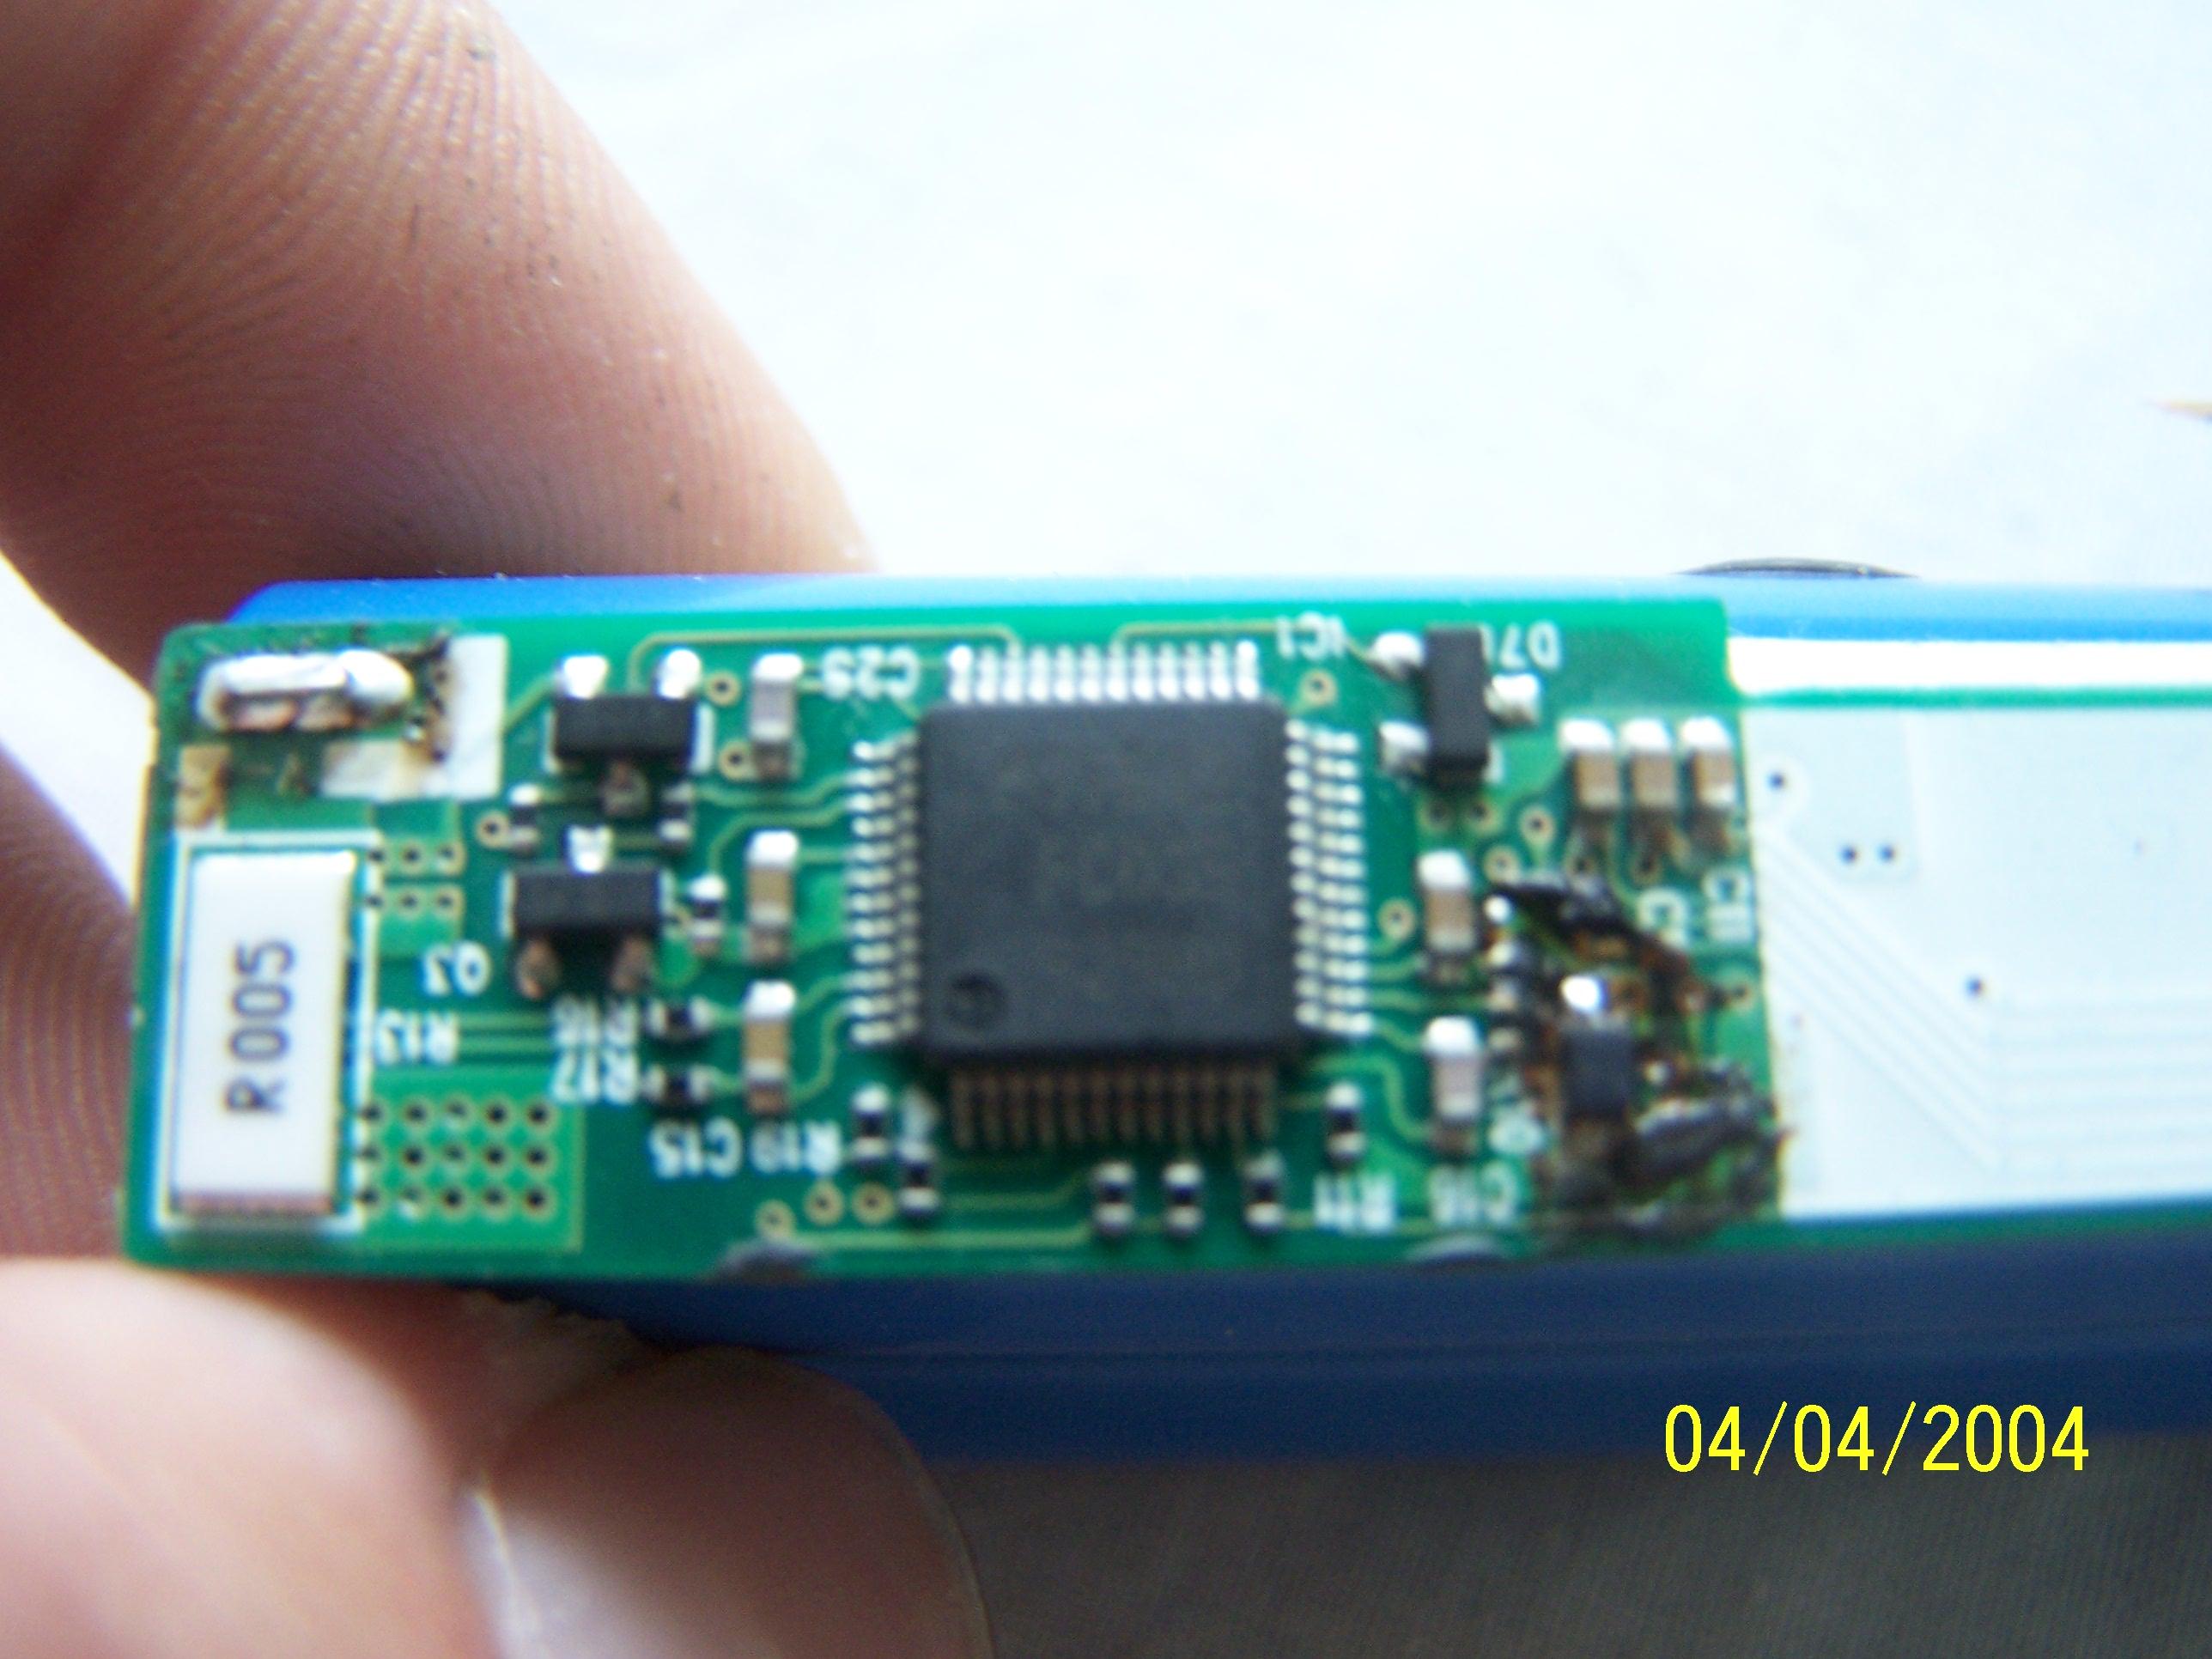 M37512 - regeneracja akumulatora - jaki interfejs I2C?